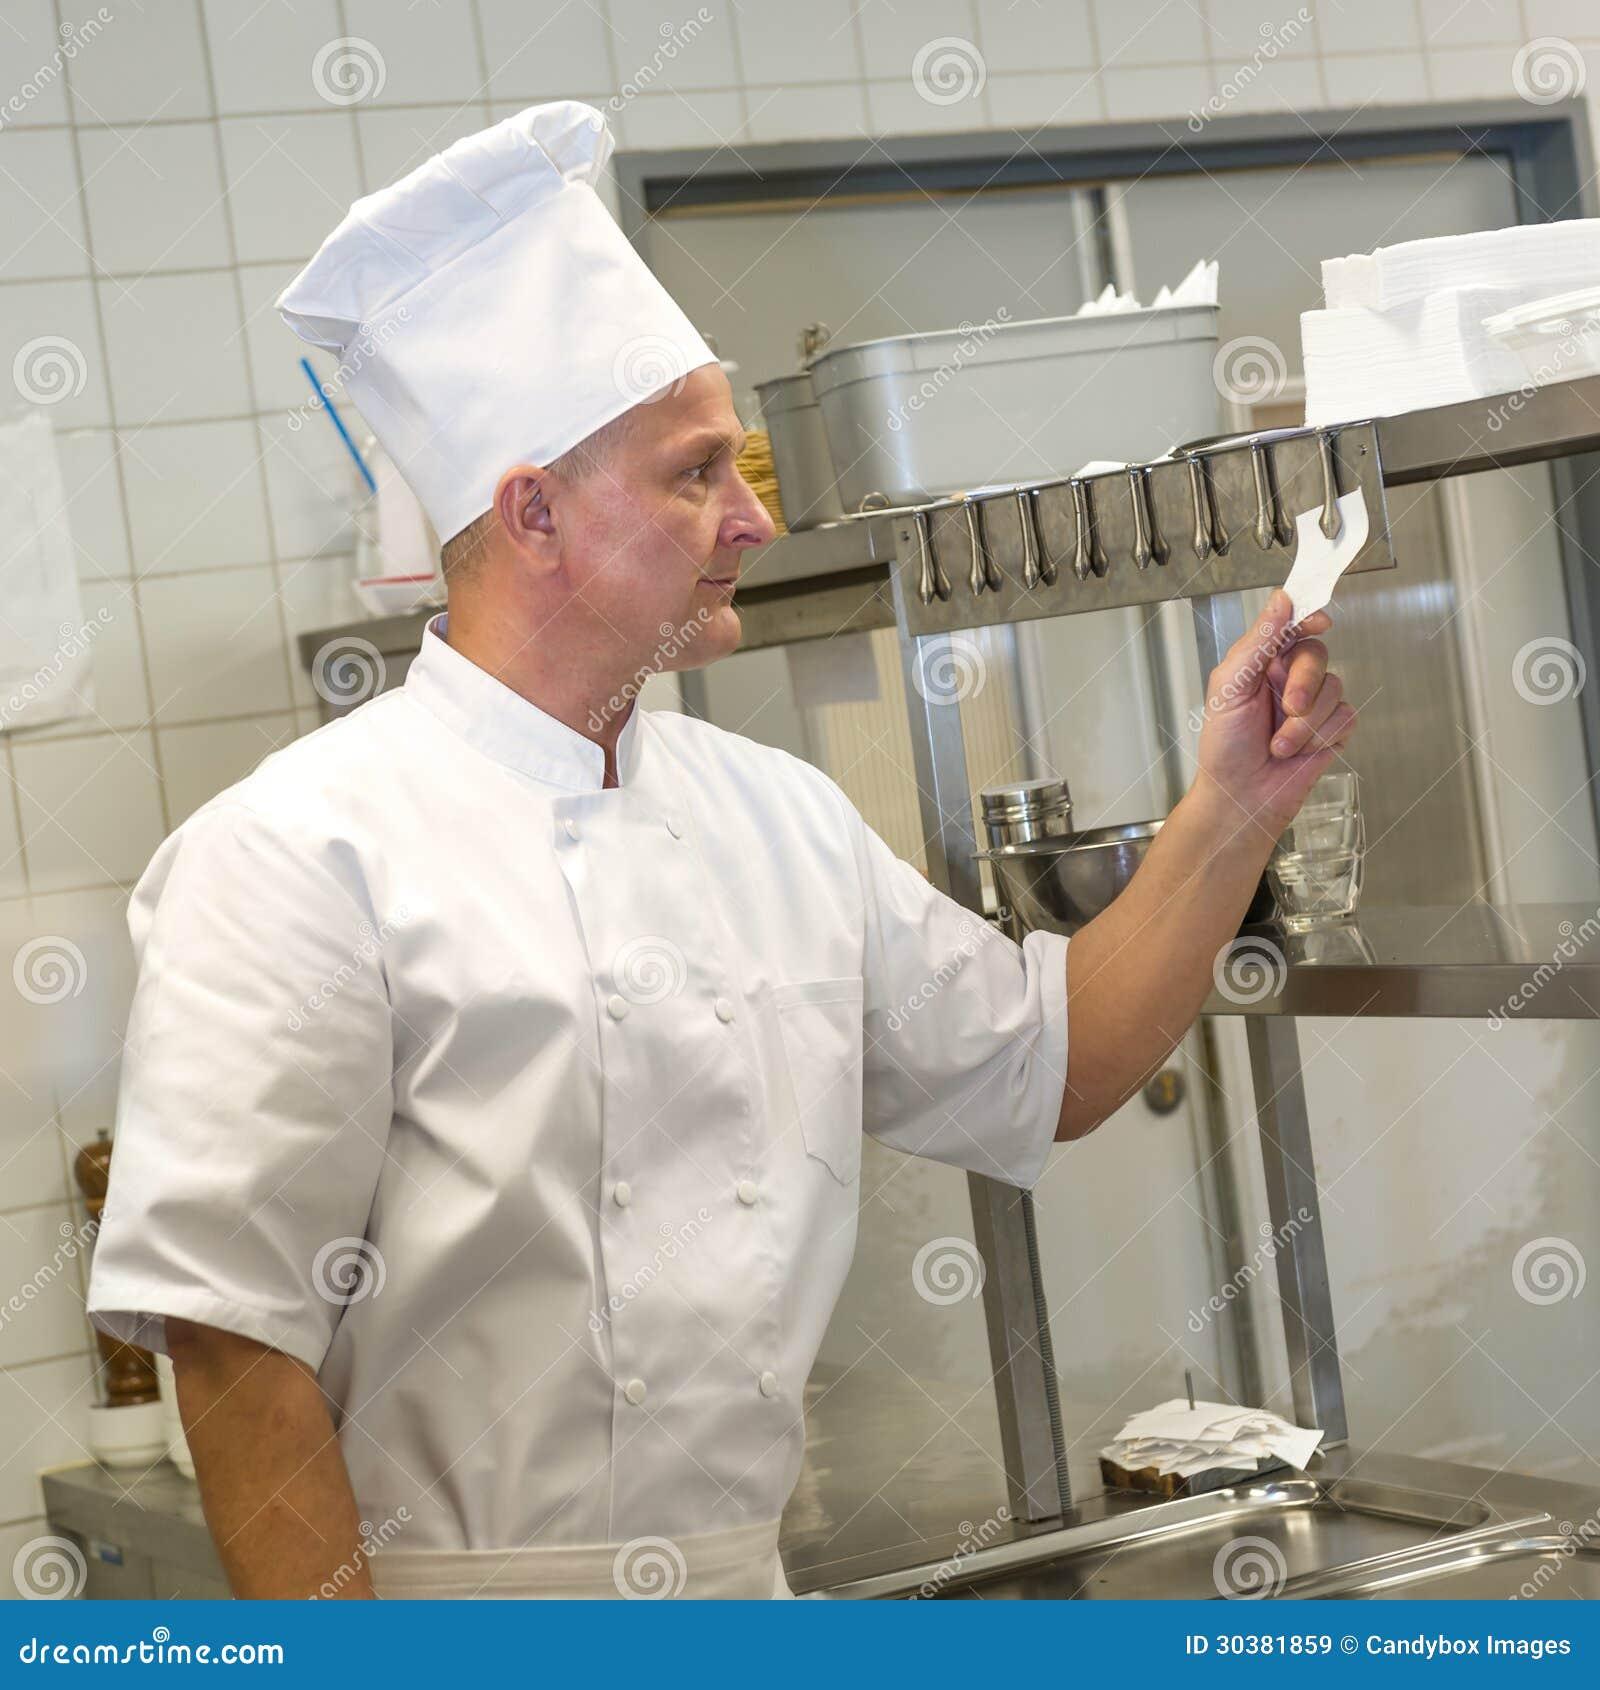 Ordens Da Leitura Do Cozinheiro Chefe Na Cozinha Do Restaurante